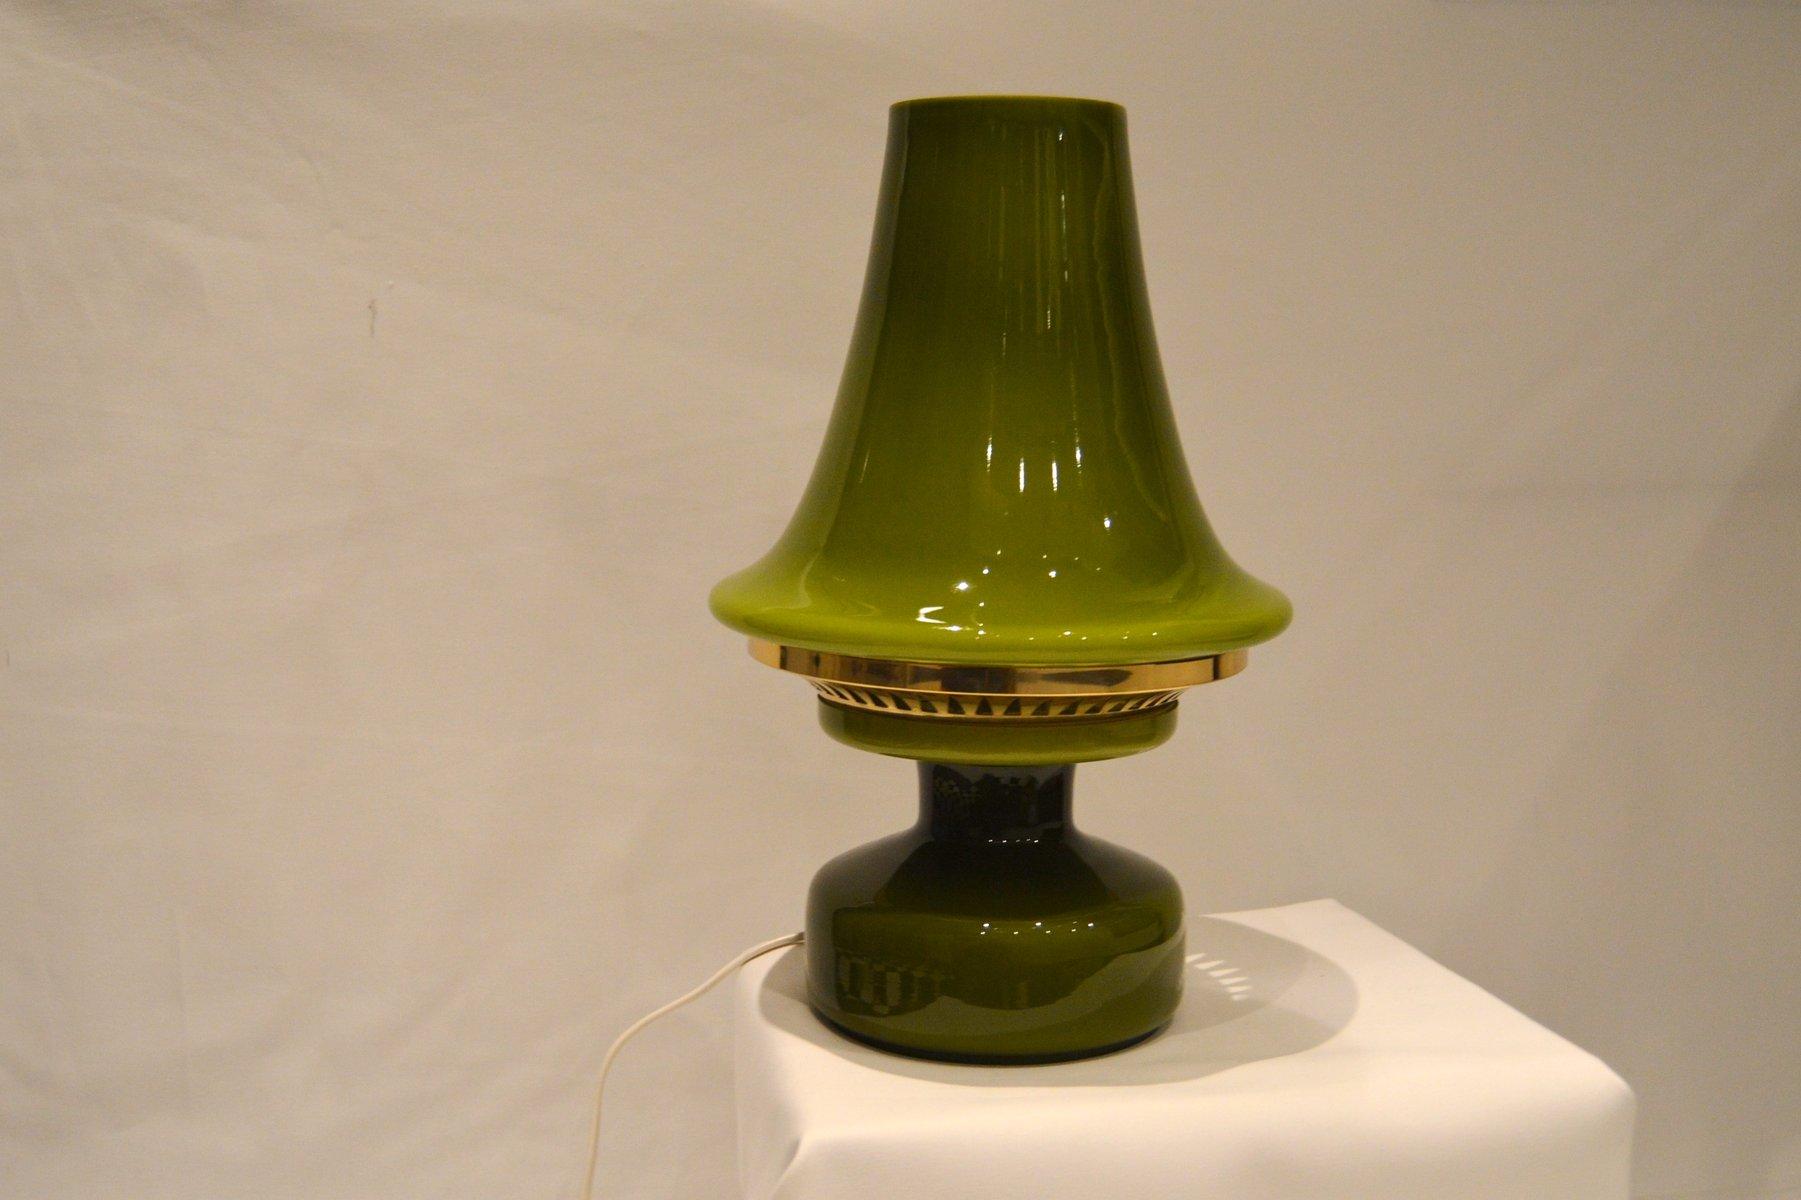 Grüne Vintage B124 Tischlampe von Hans-Agne Jakobsson